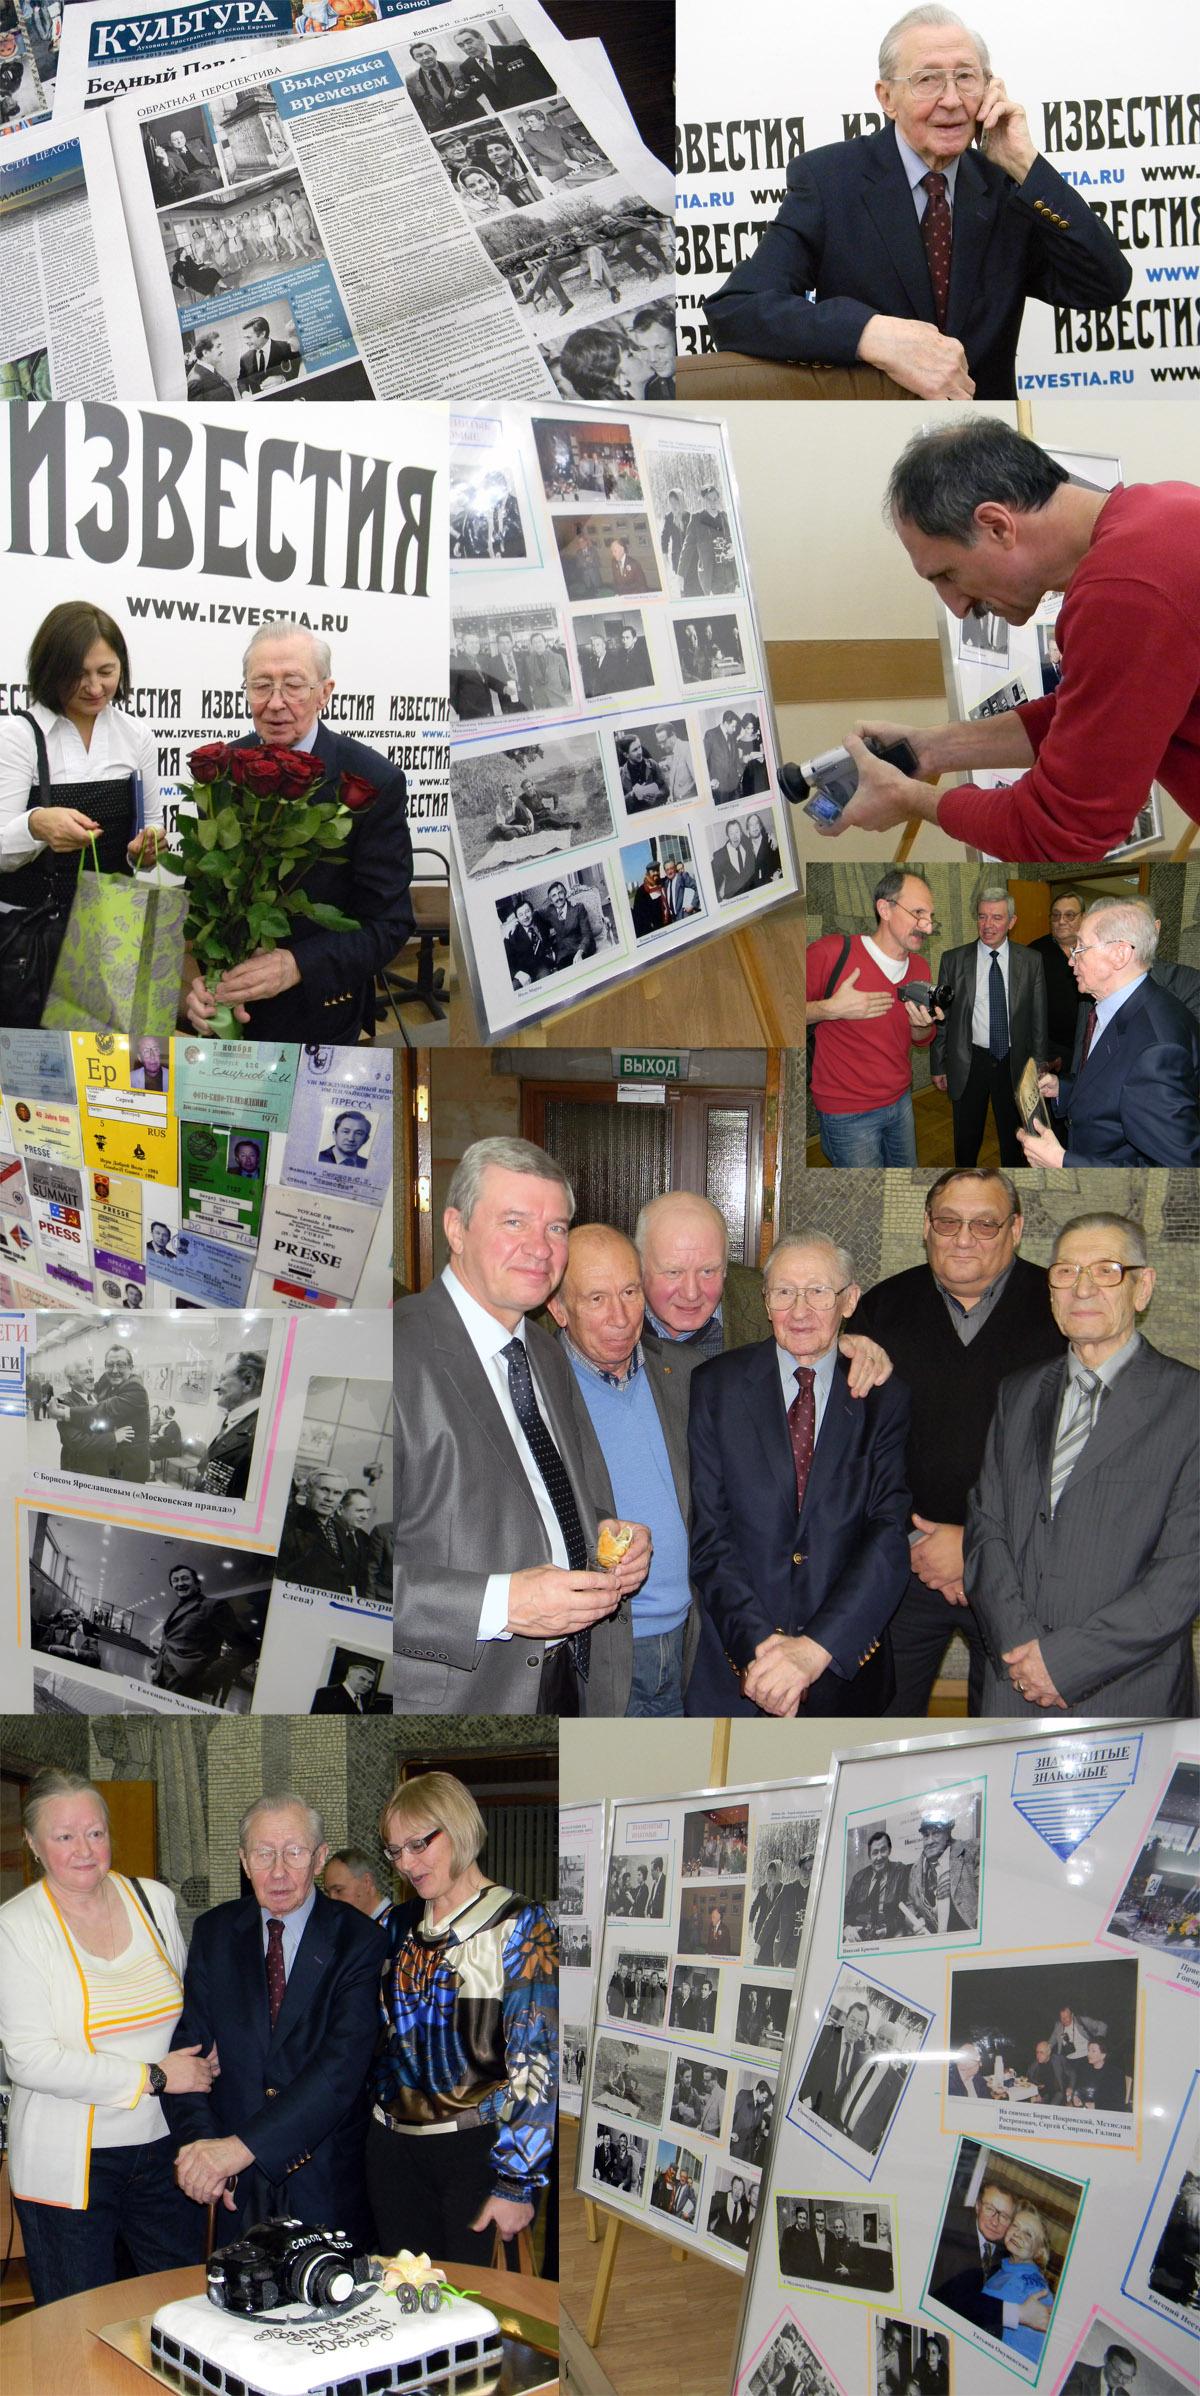 Sergei Smirnov - 90, meeting 15.11.2013